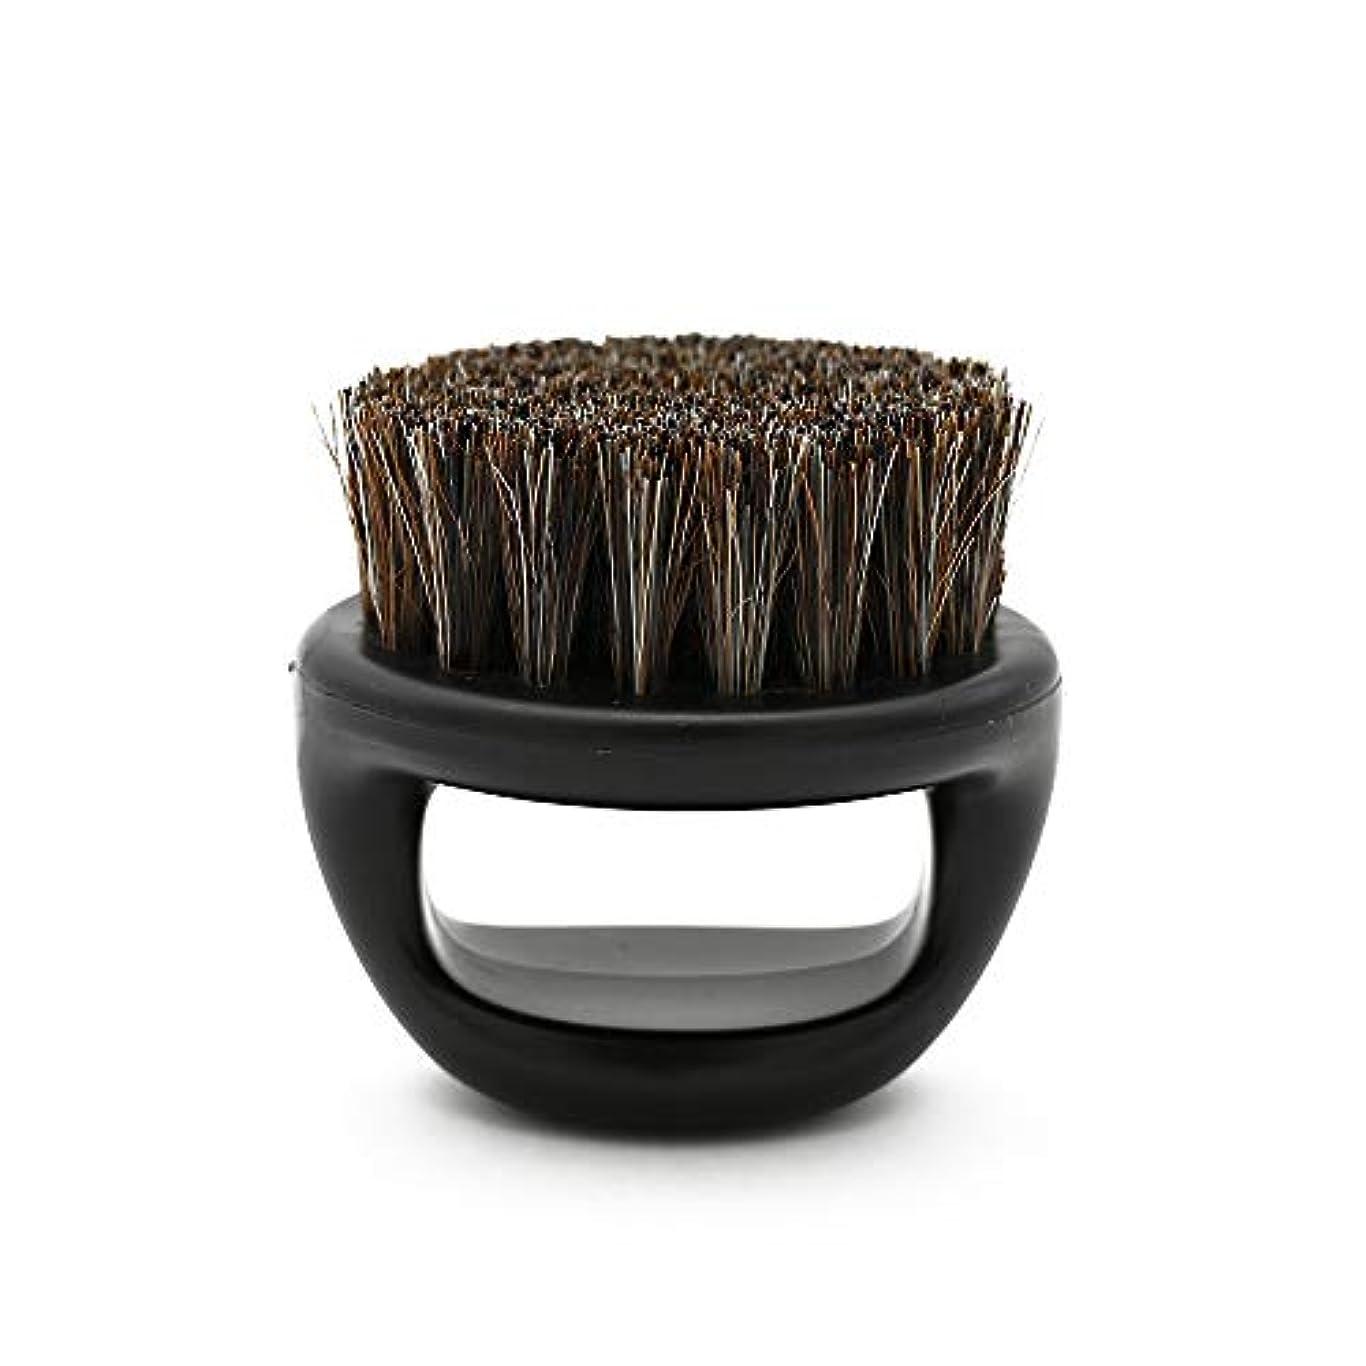 外出市町村無一文CUHAWUDBA 1個リングデザイン馬毛メンズシェービングブラシプラスチック製の可搬式理容ひげブラシサロンフェイスクリーニングかみそりブラシ(ブラック)